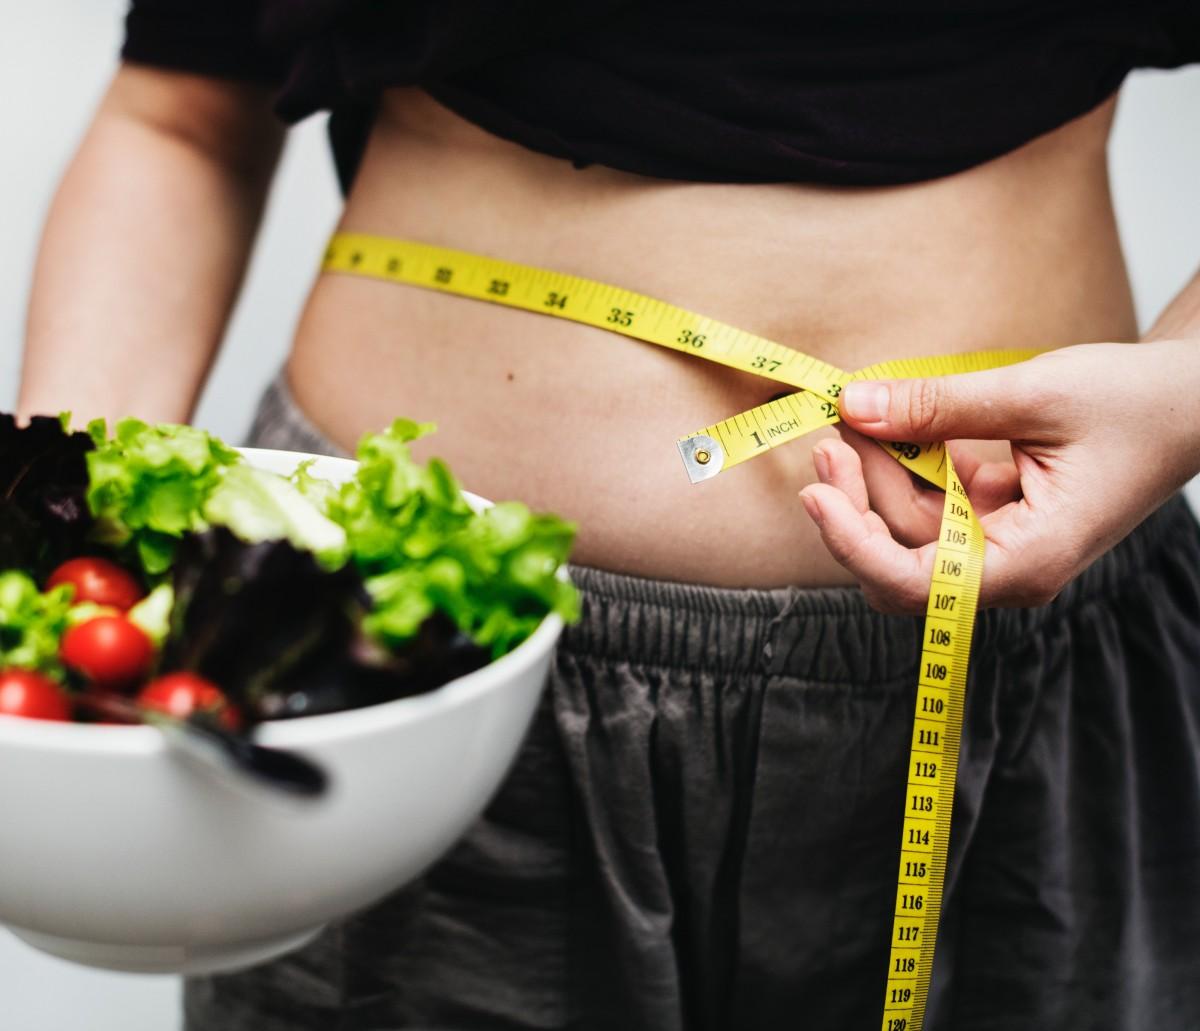 Bauchfett-Belly fat-Skinny-abnehmen-diät-diet